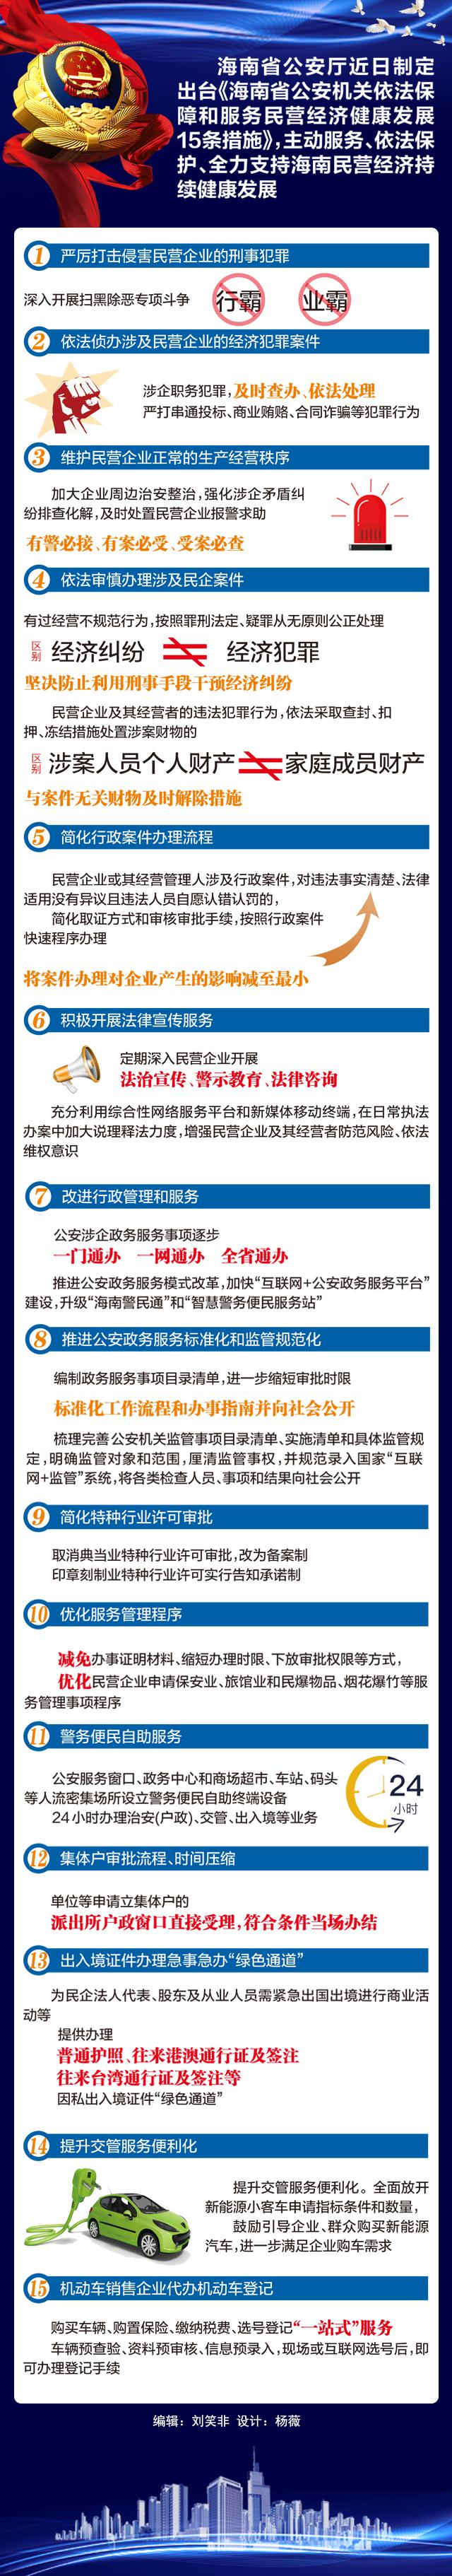 """一图读懂丨海南警方:15条措施严打""""行霸""""""""业霸"""""""